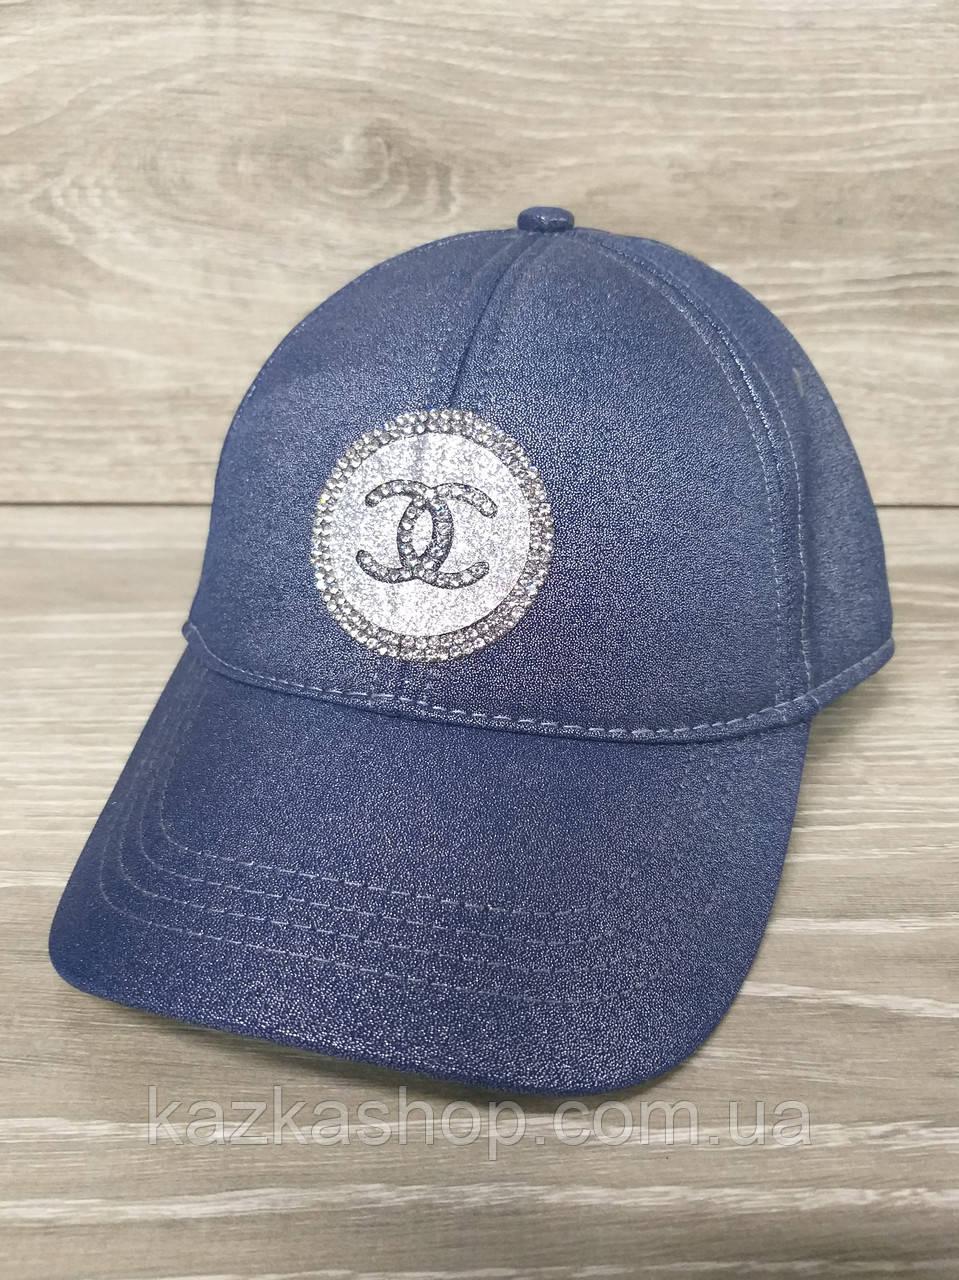 Женская, бейсболка, кепка, из люрекса, размер 55-57, на регуляторе липучке